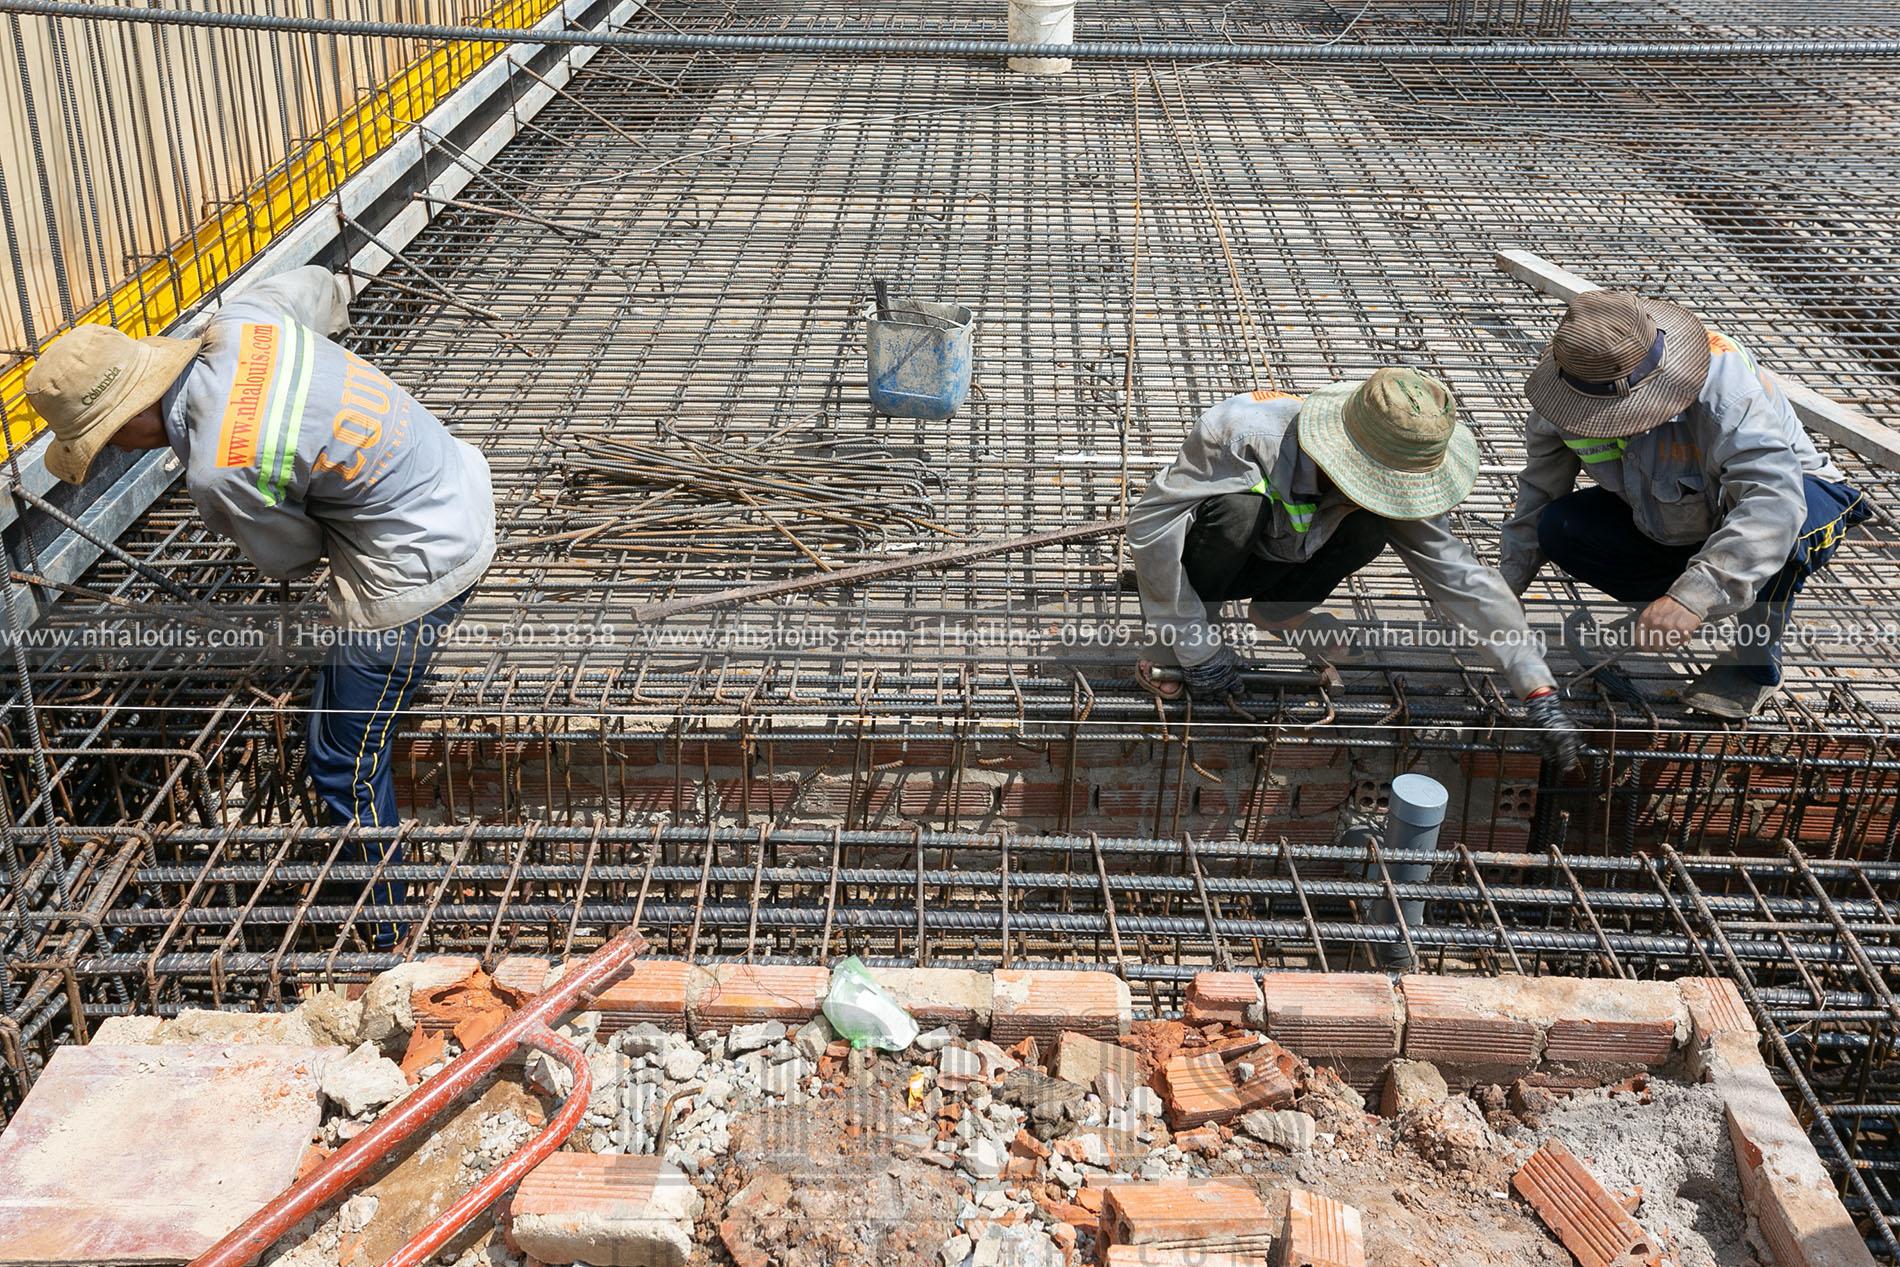 thi công sắt sàn tầng hầm biệt thự cổ điển Bình Phước